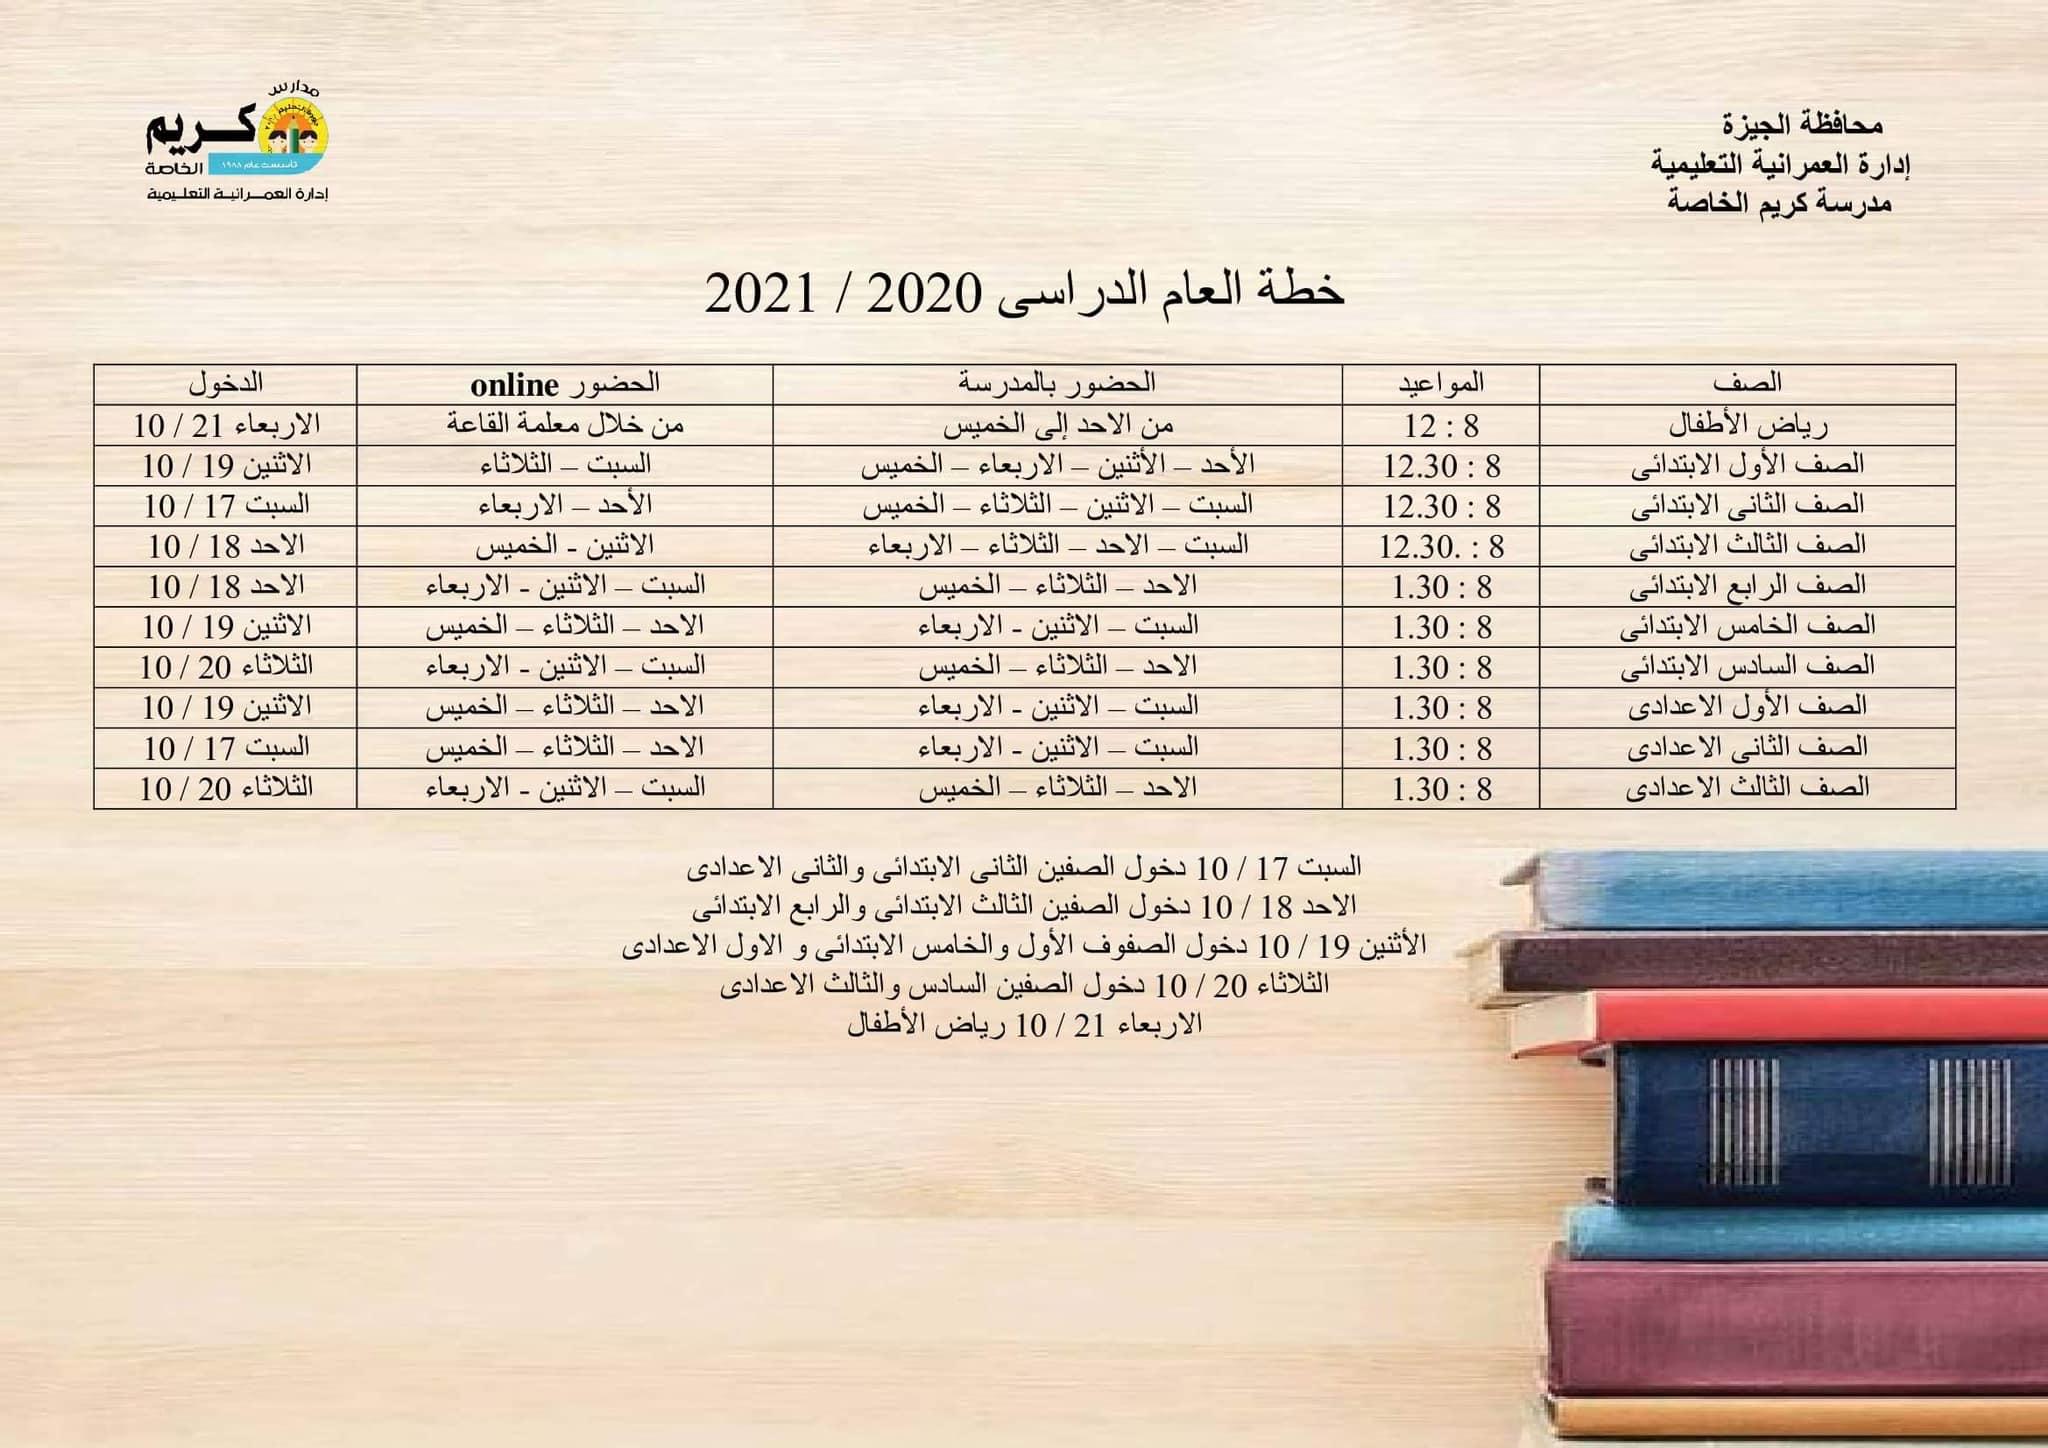 خطة العام الدراسي 2020/2021